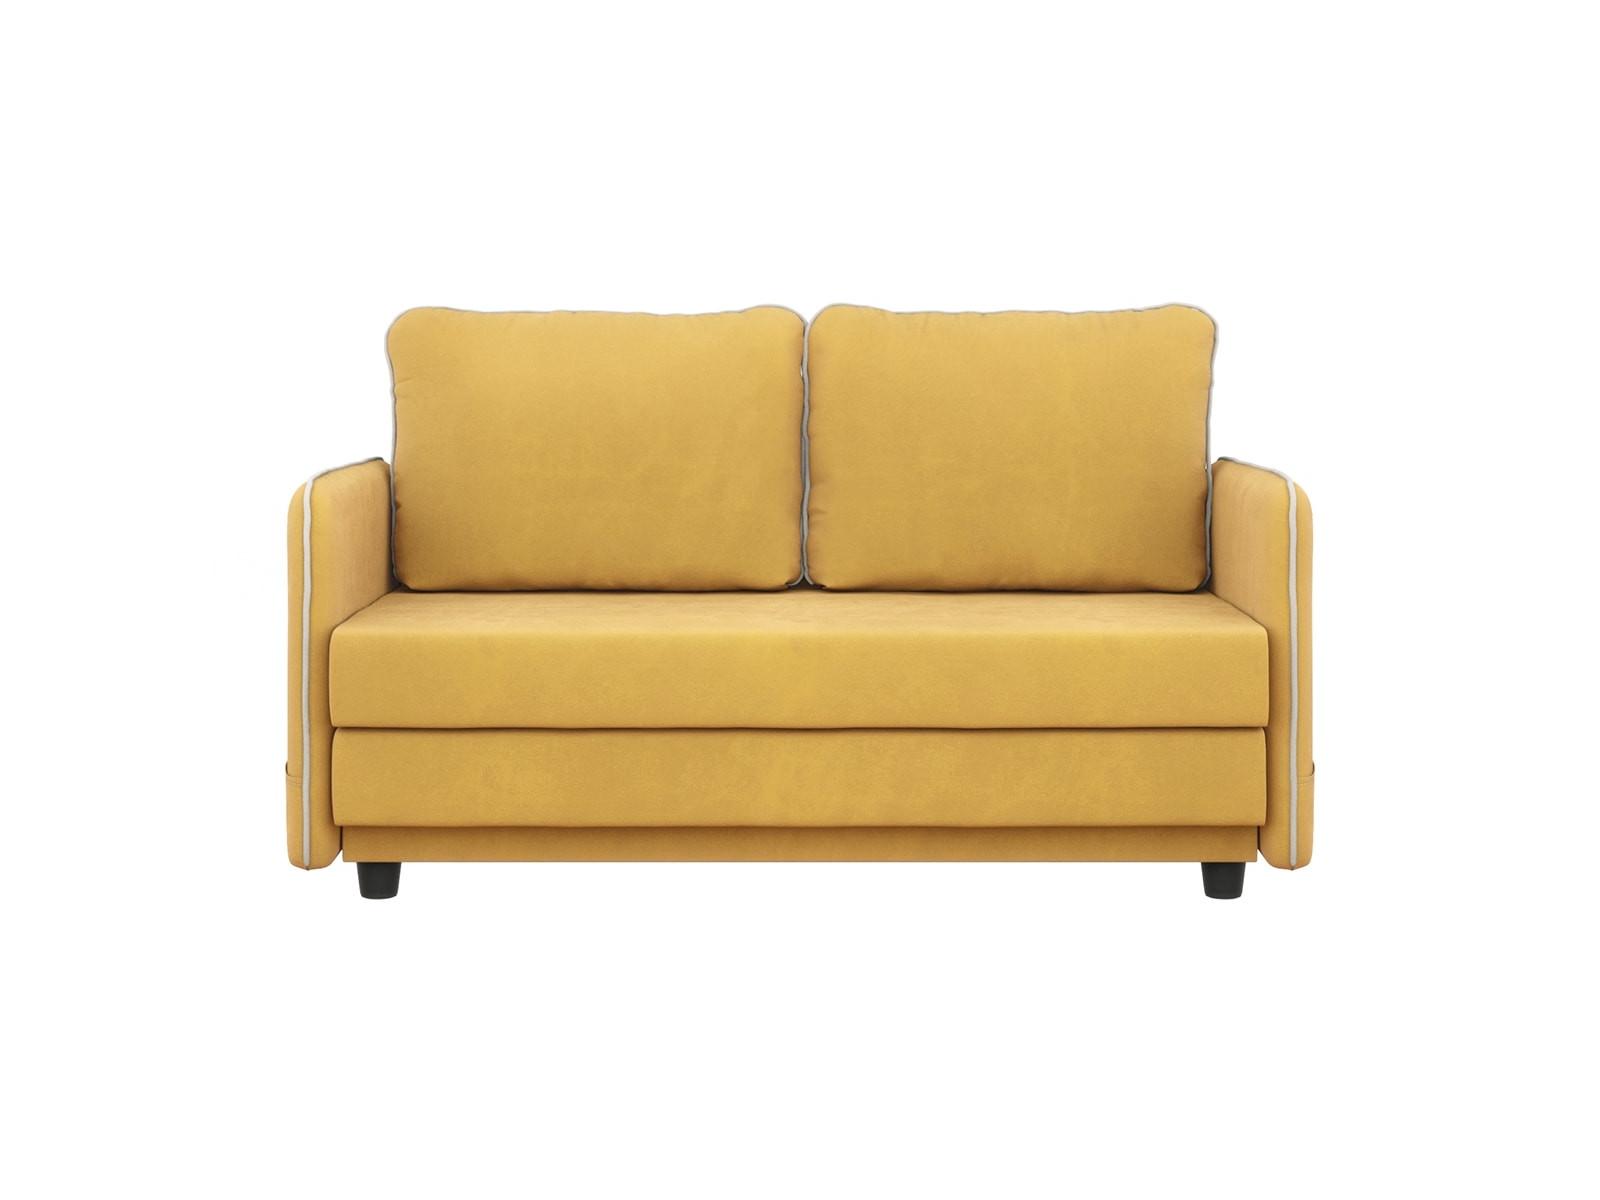 Диван тканевый прямой Слим мини MebelVia Желтый, Велюр, Мебельная пли Желтый